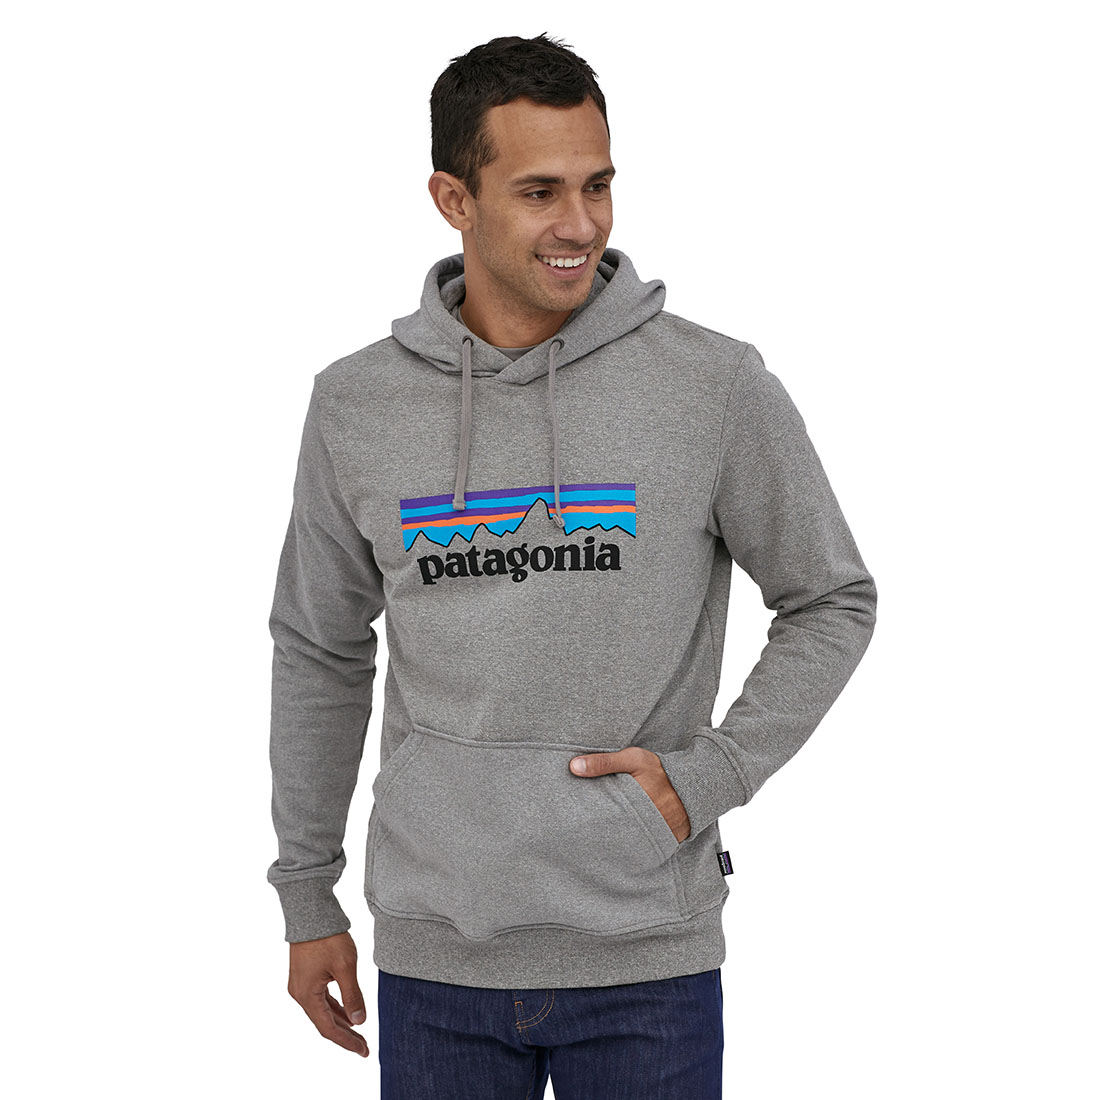 パタゴニア  Patagonia  メンズ M's P-6 Logo Uprisal Hoody(S M L)  メンズ・P-6ロゴ・アップライザル・フーディ メール便不可 パーカー 39539